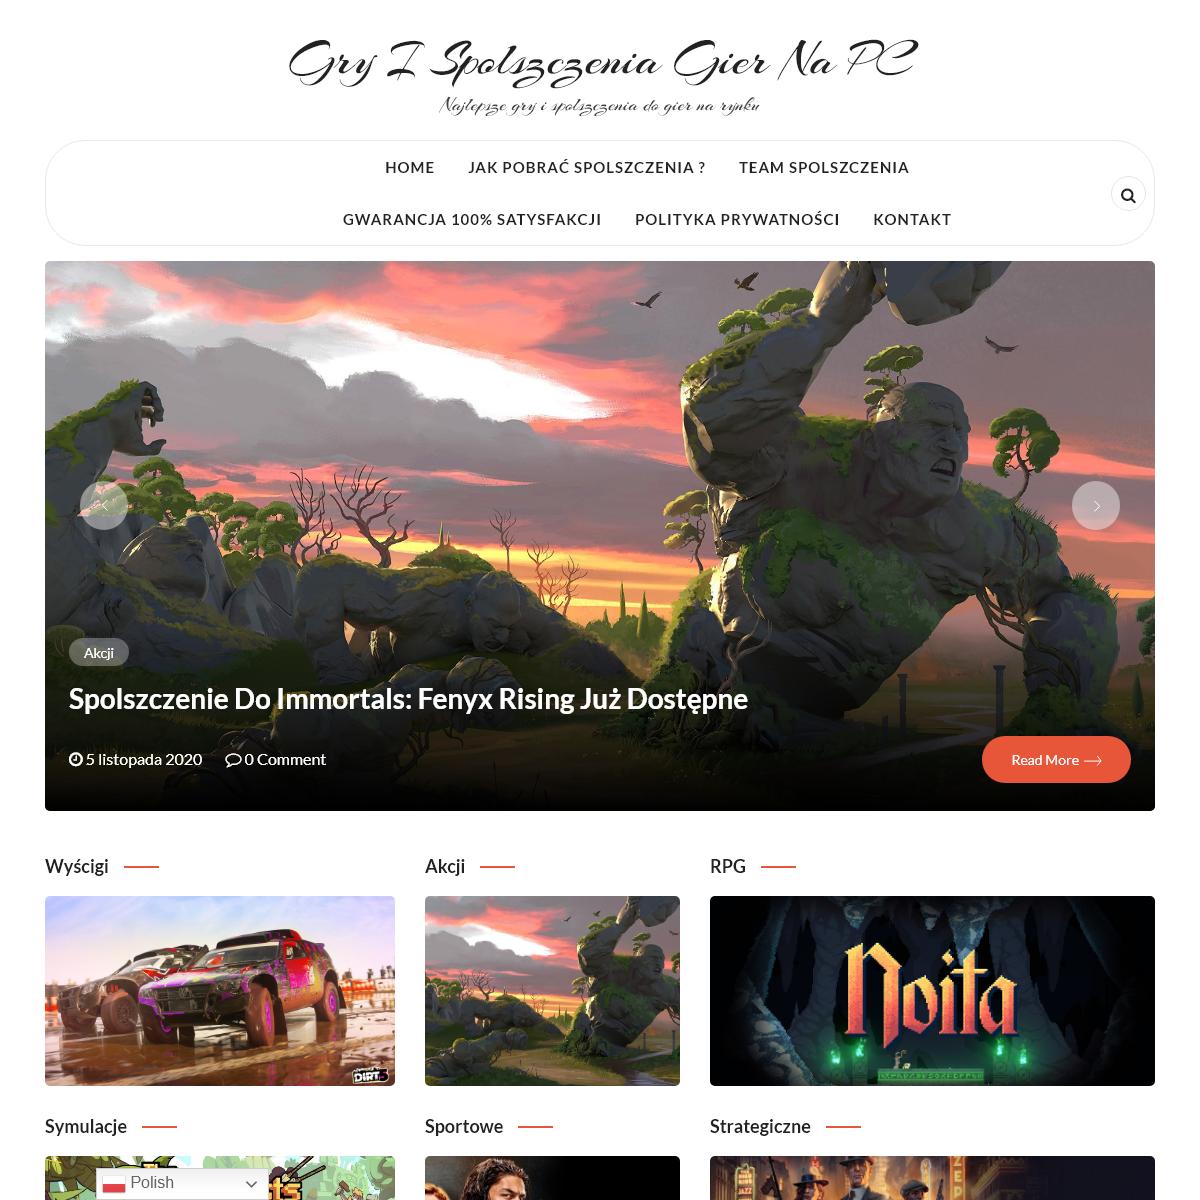 Gry i Spolszczenia Gier na PC – Najlepsze gry i spolszczenia do gier na rynku